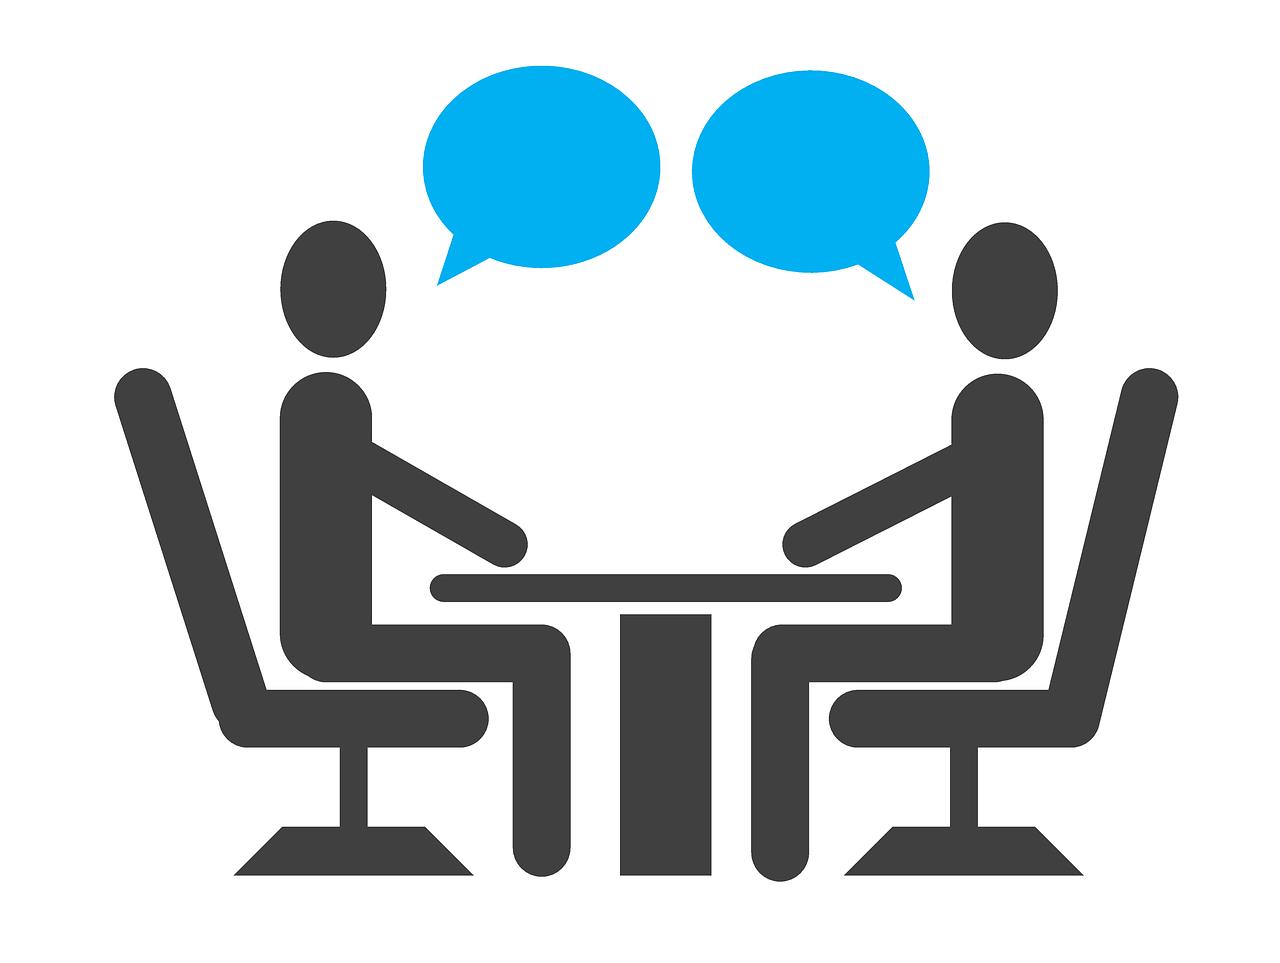 転職の面接で「何か質問はありますか?」と聞かれたときはどう答えればいいの?